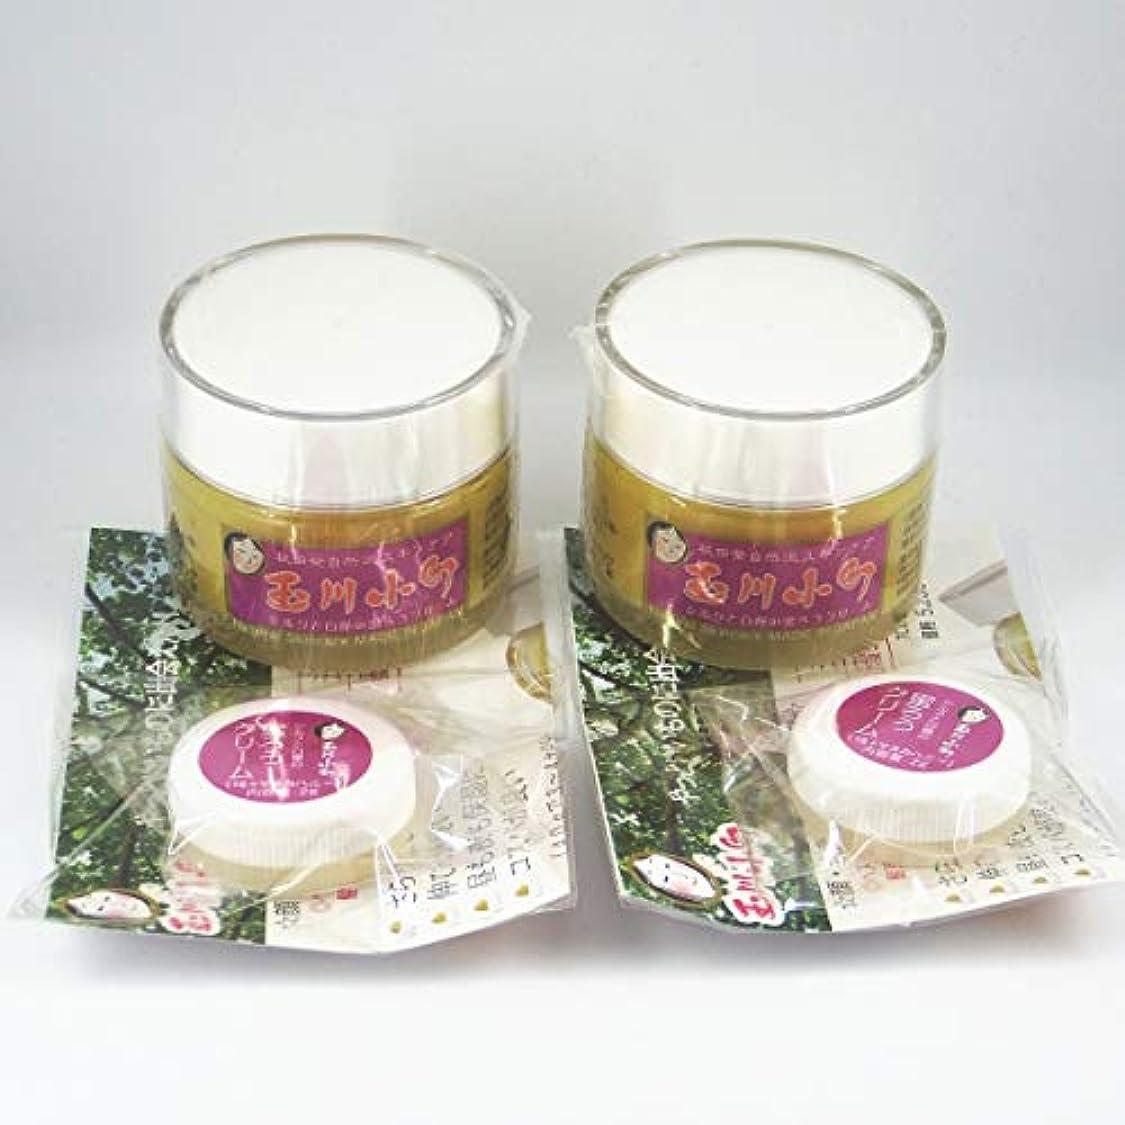 セレナジャンプするベーリング海峡玉川小町シルクと白樺の蜜ろうクリーム 2g×2個付お得セット